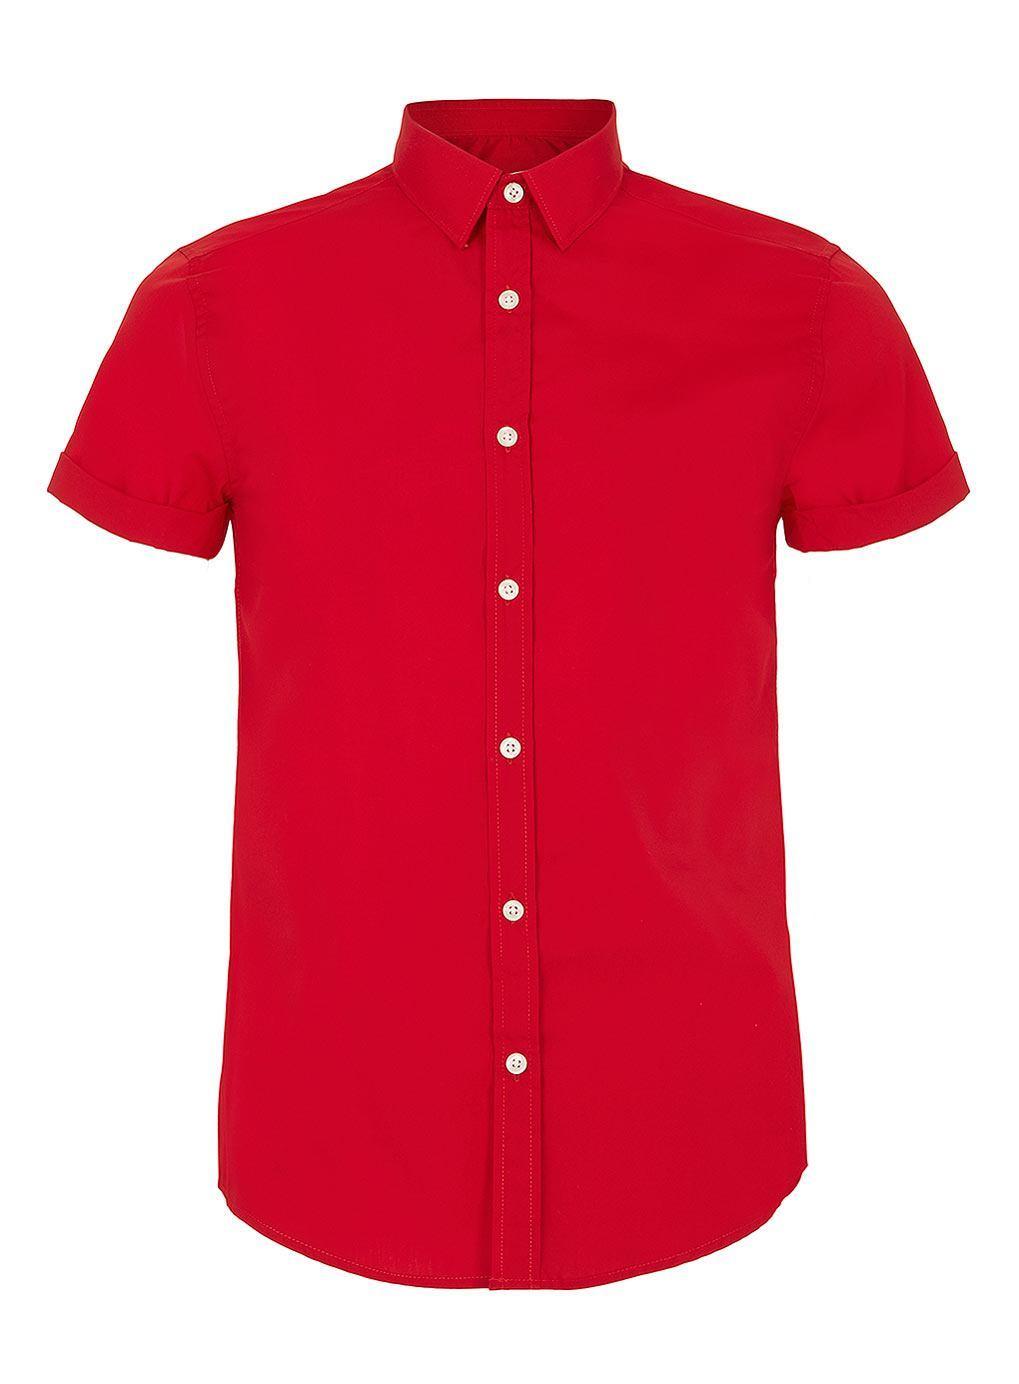 Nueva 2015 Fahsion verano mujer blusas y camisas para